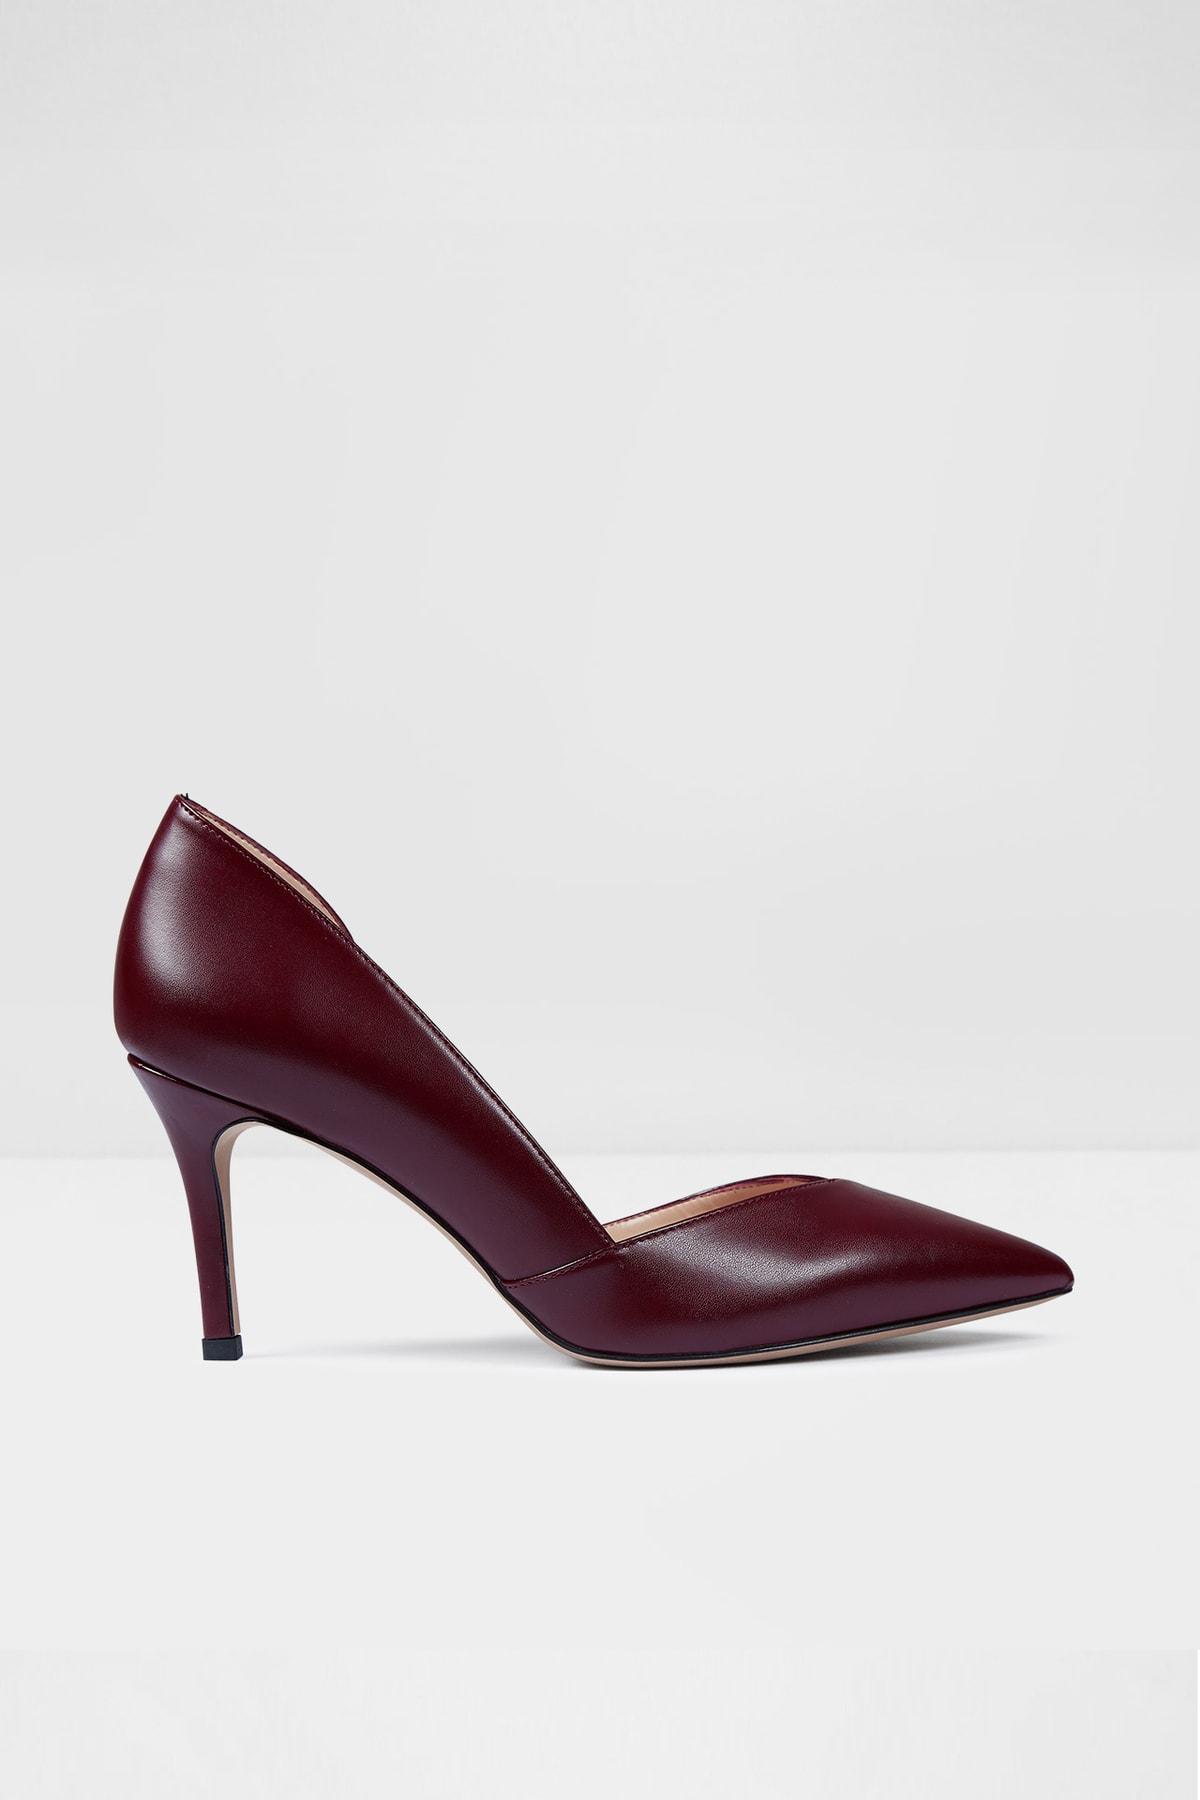 Aldo Kadın Bordo Topuklu Ayakkabı Unıty-tr 1